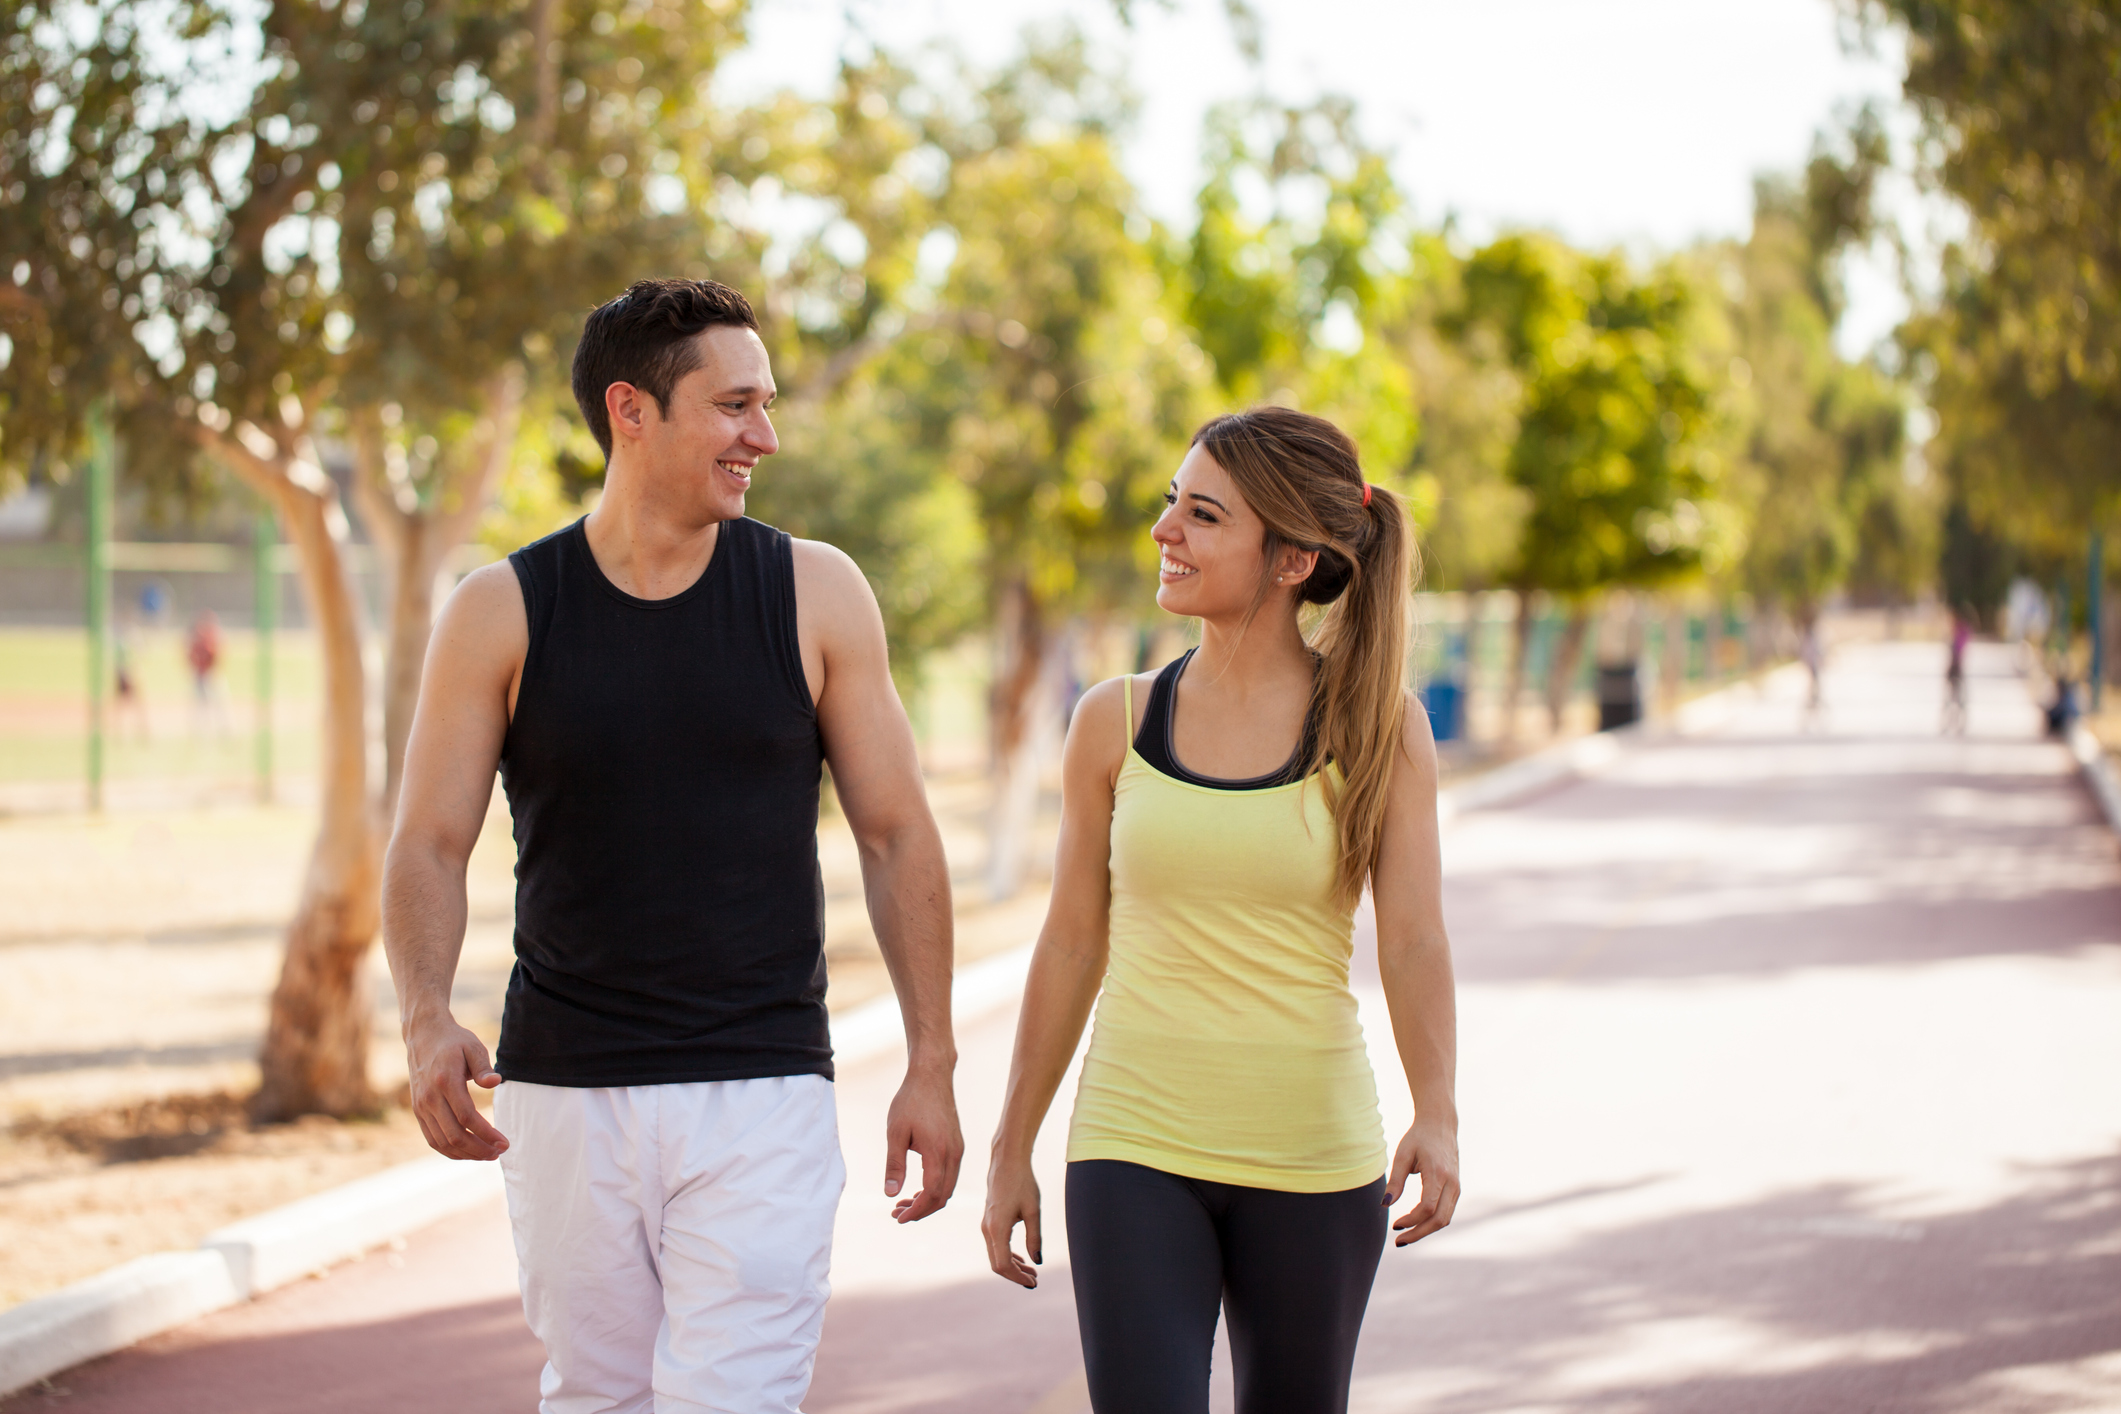 Praticar atividade física é um desafio para muitas pessoas. Veja dicas para saber o que fazer para não desanimar e conseguir fazer um treino de qualidade.